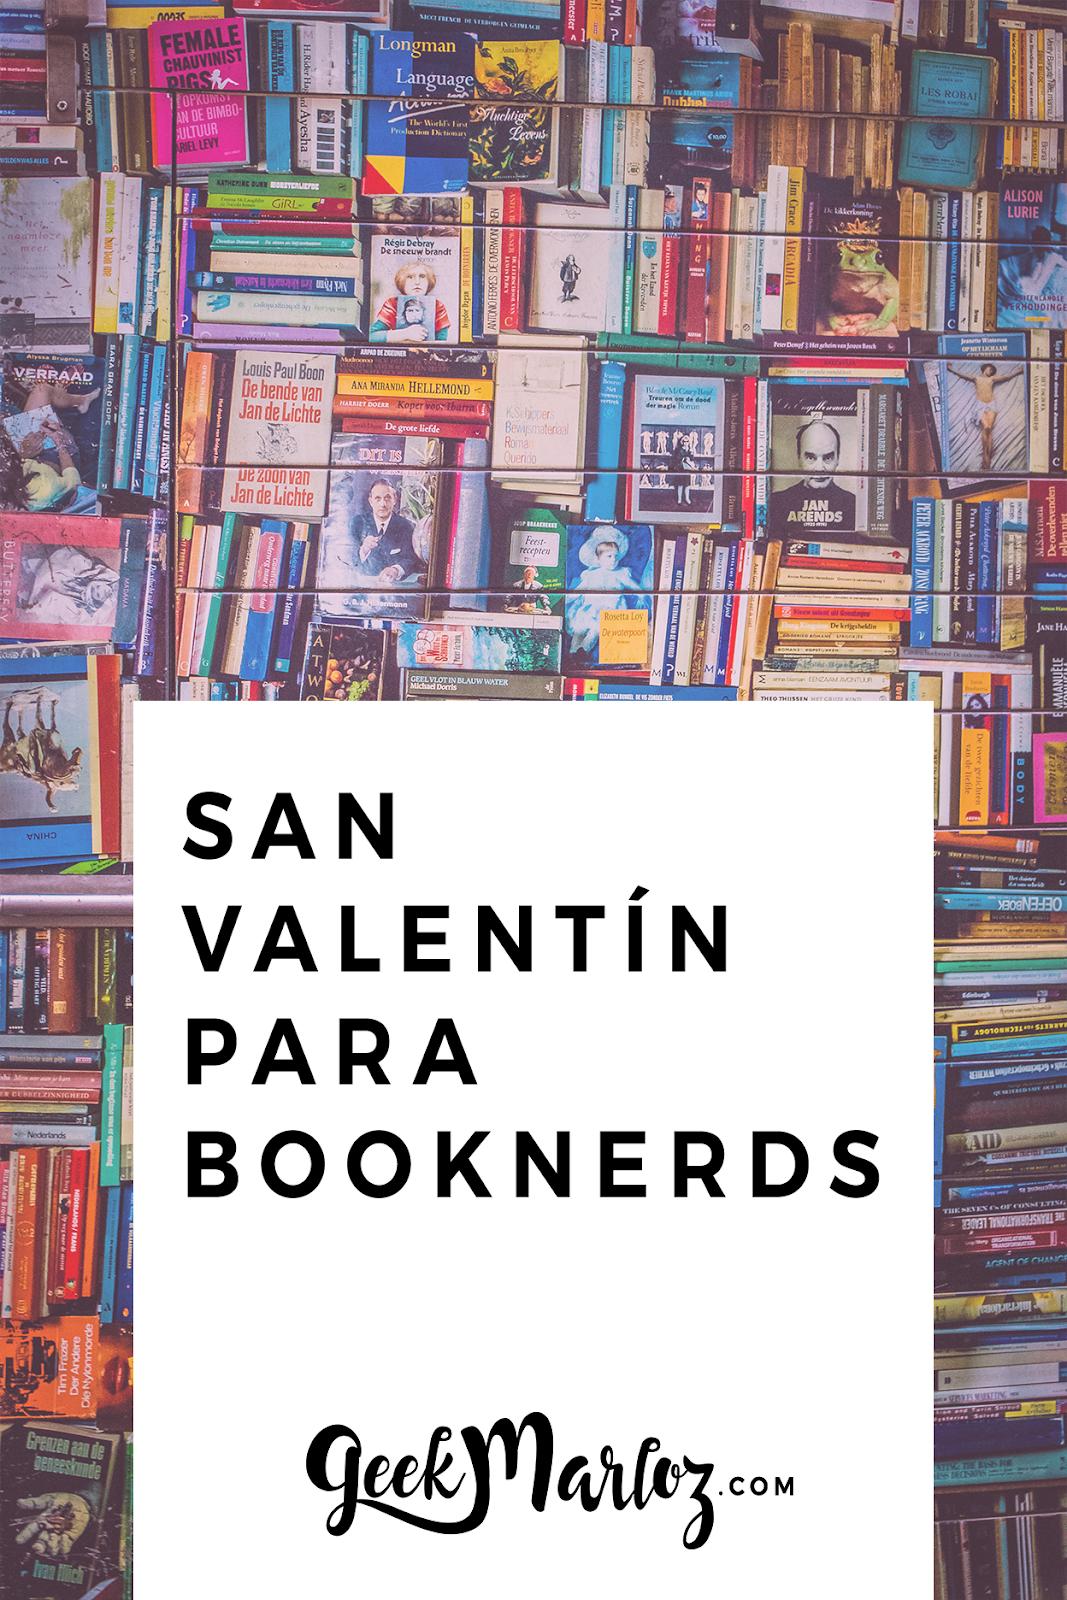 Regalos de San Valentín para booknerds